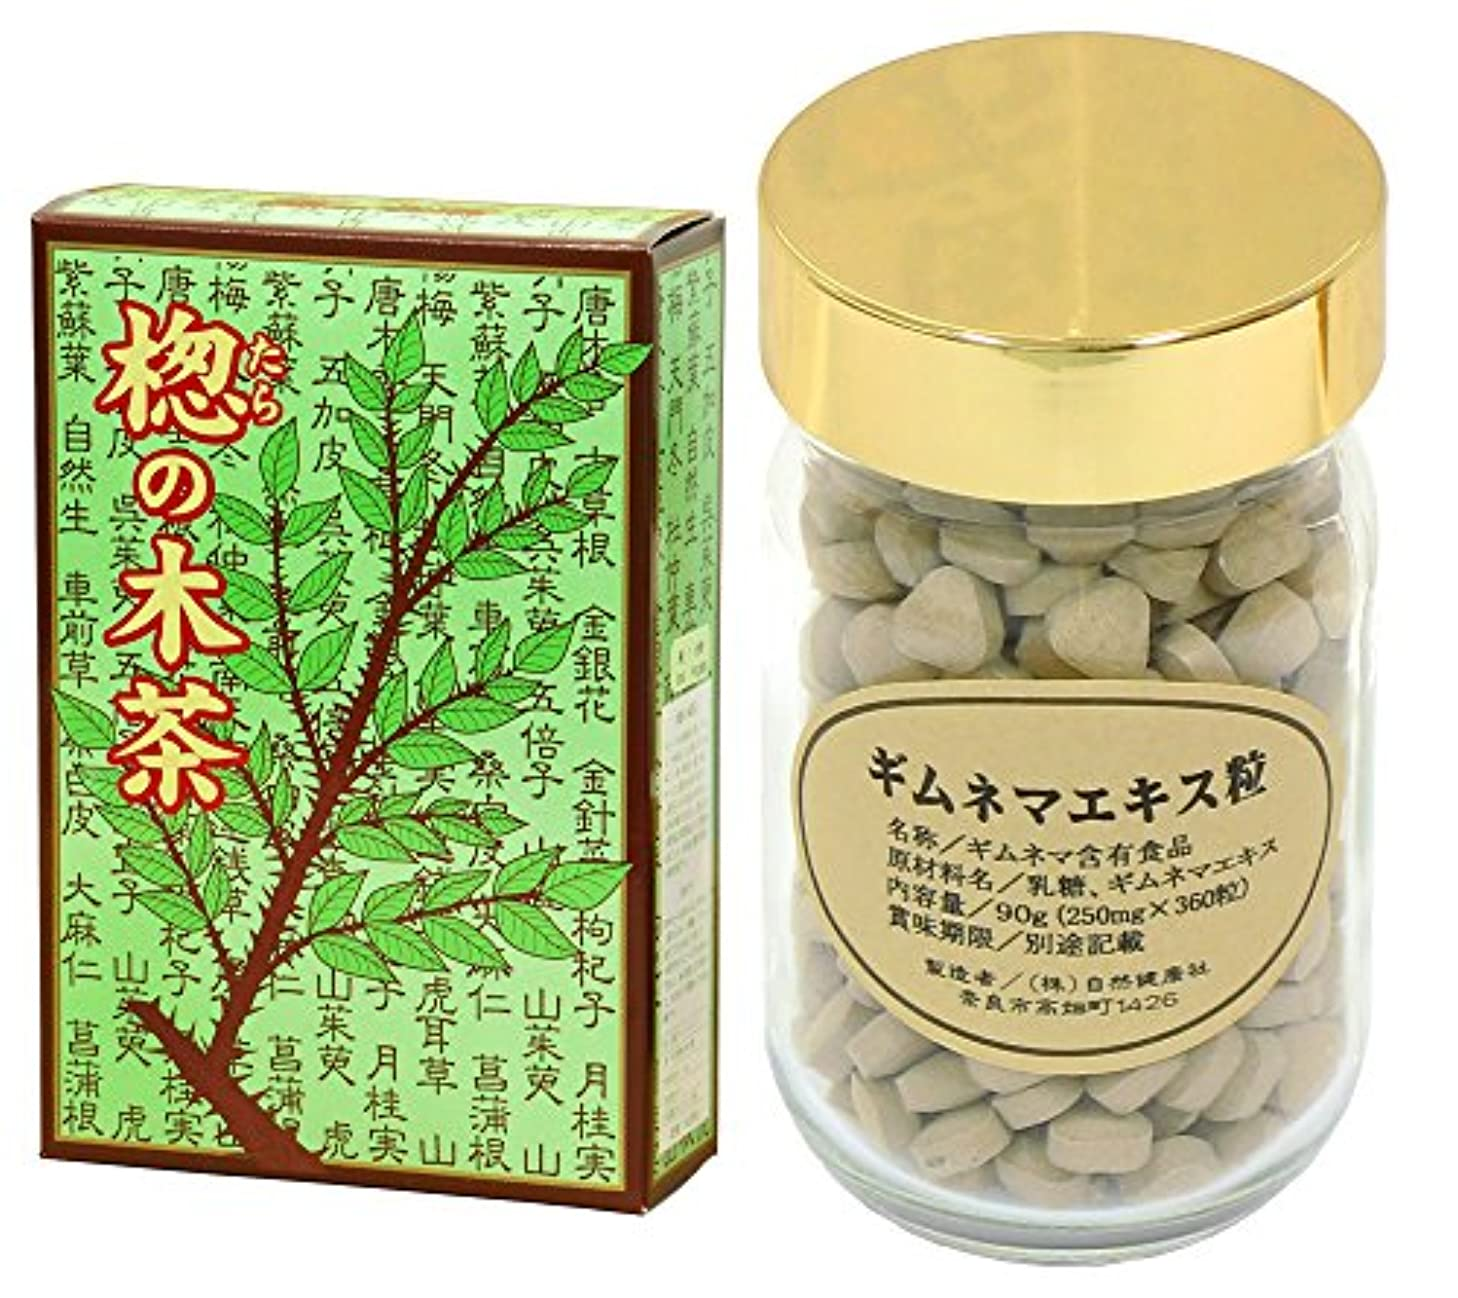 そのソース気になる自然健康社 国産タラノキ茶 30パック + ギムネマエキス粒 90g